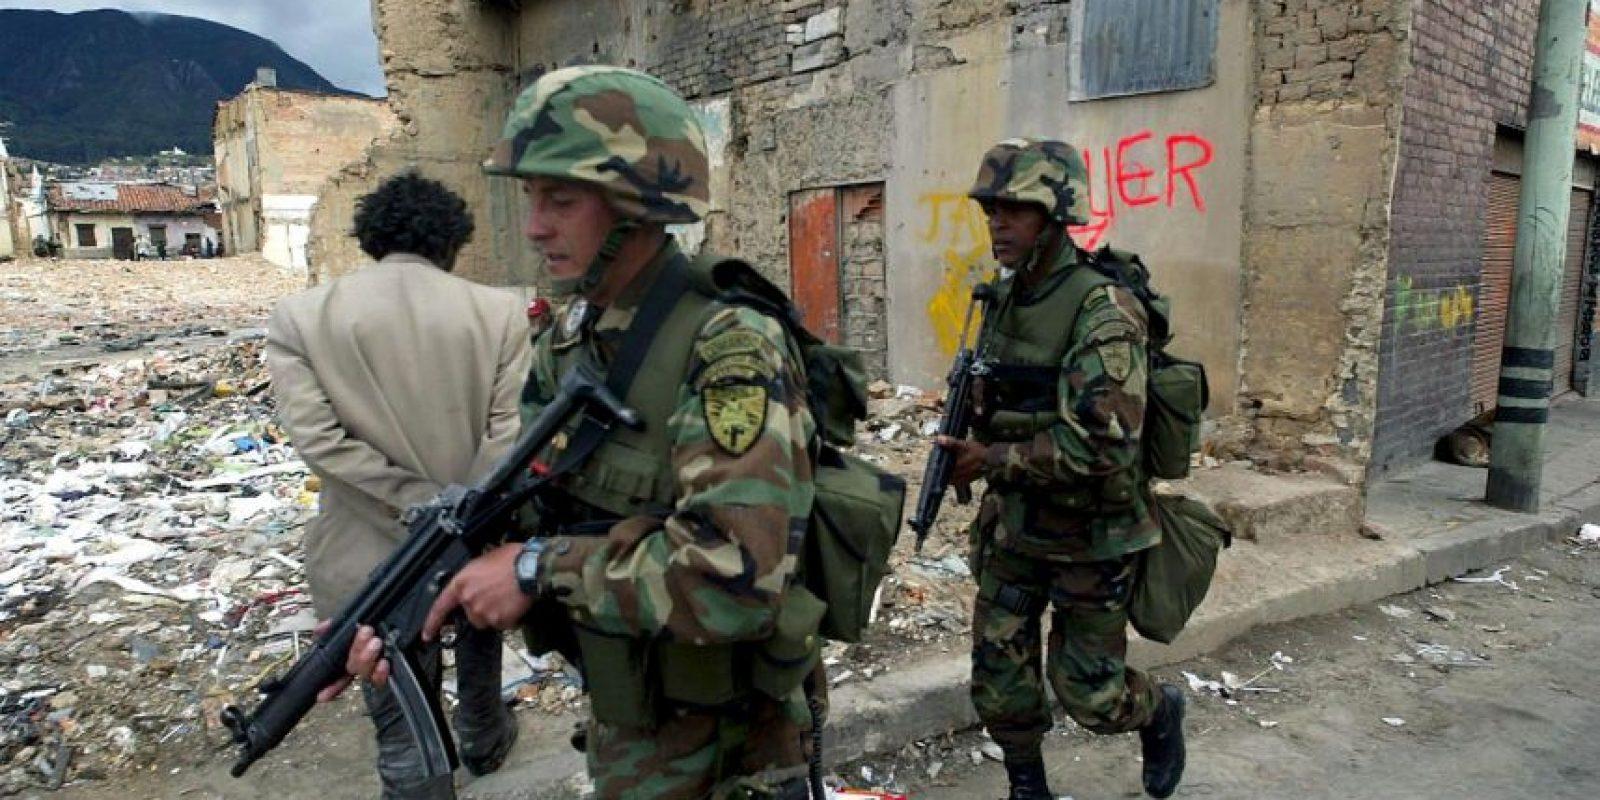 El Gobierno ha dado una lucha intensa contra dicho grupo. Foto:Getty Images